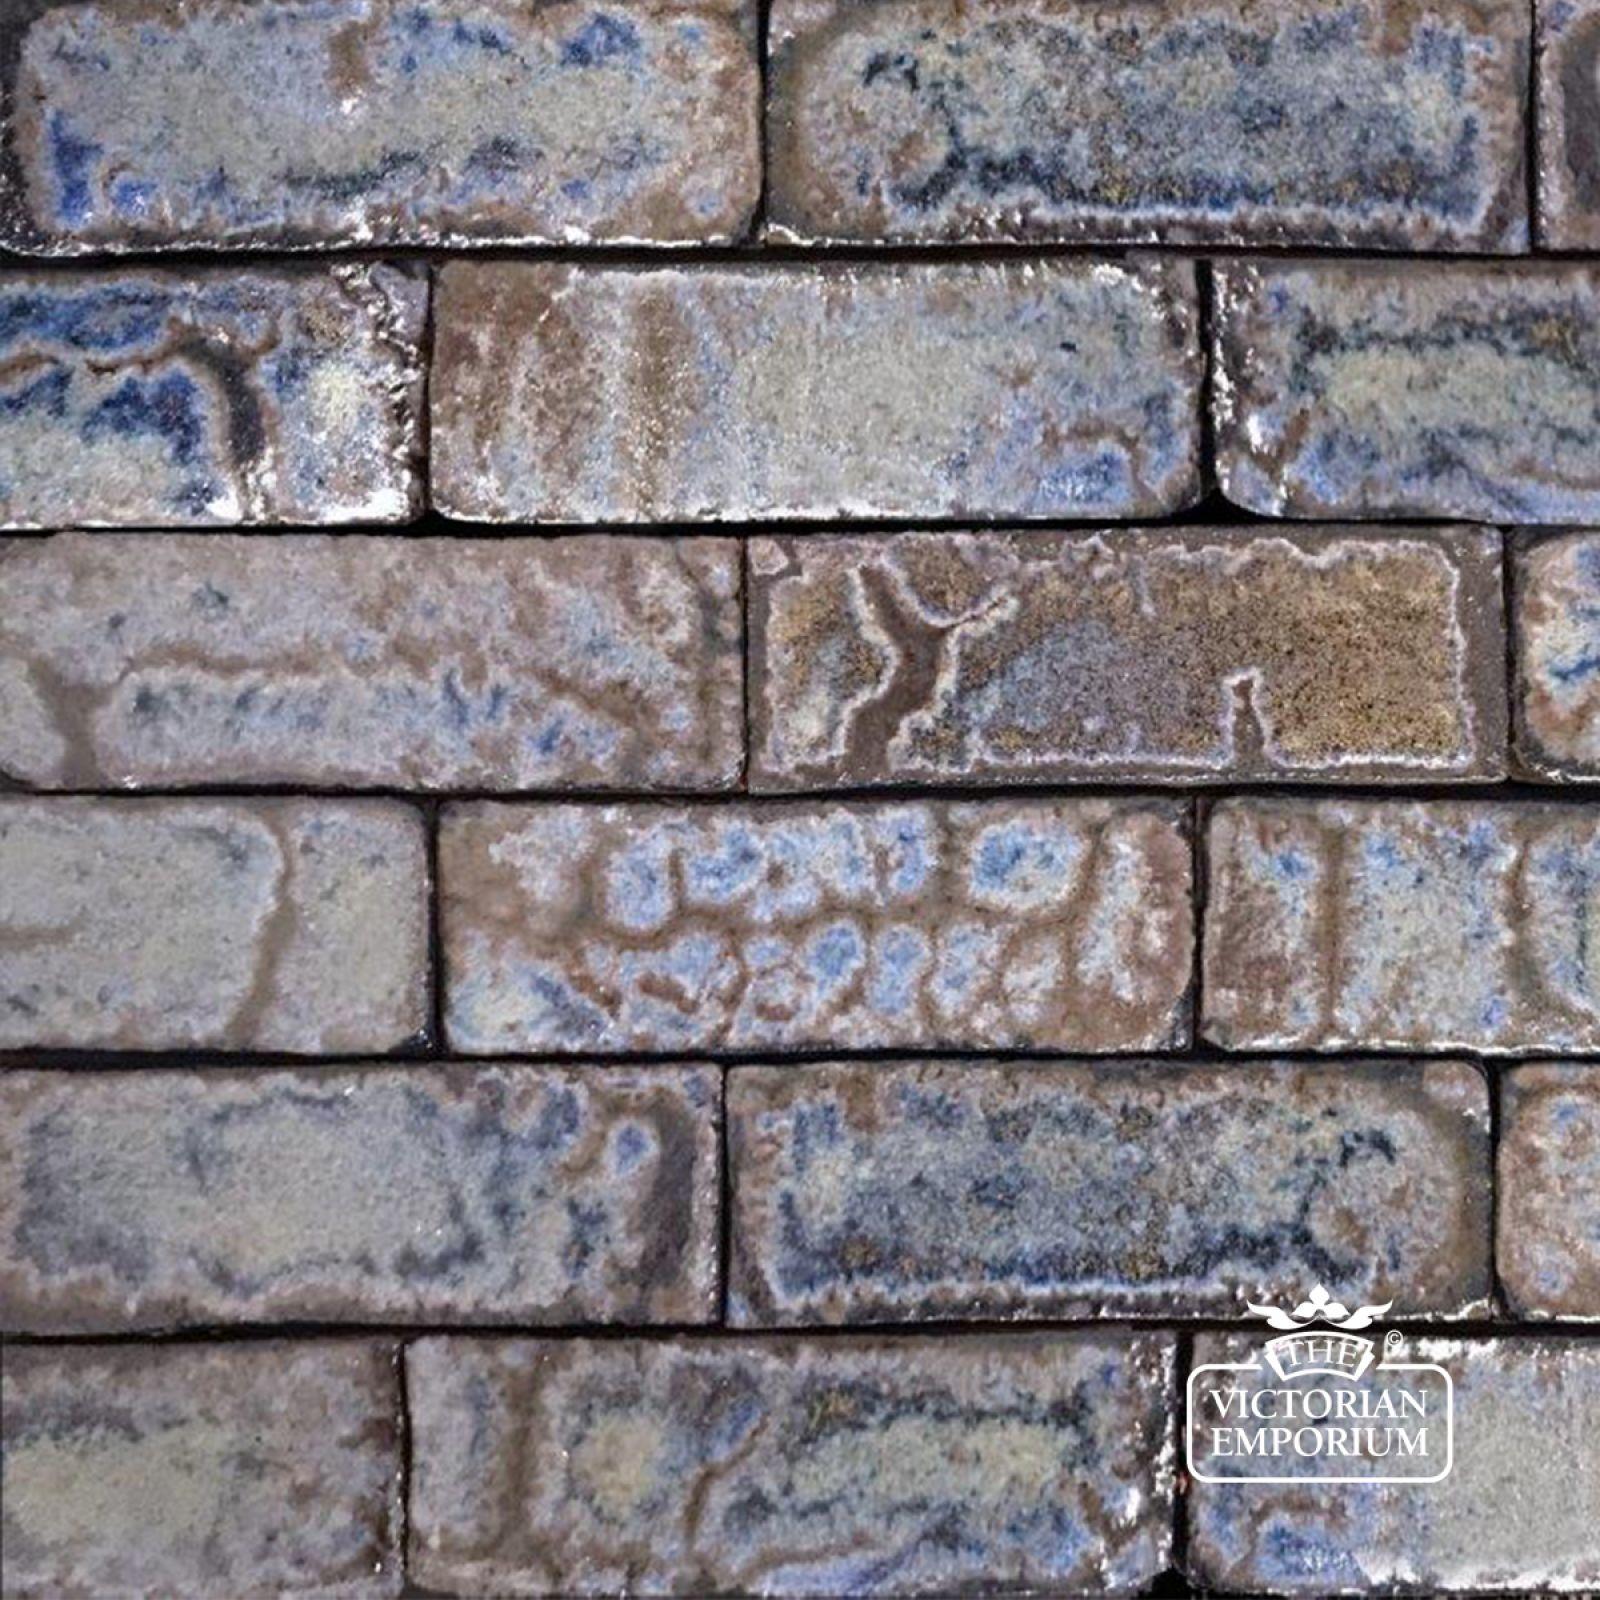 glazed brick slip in azure